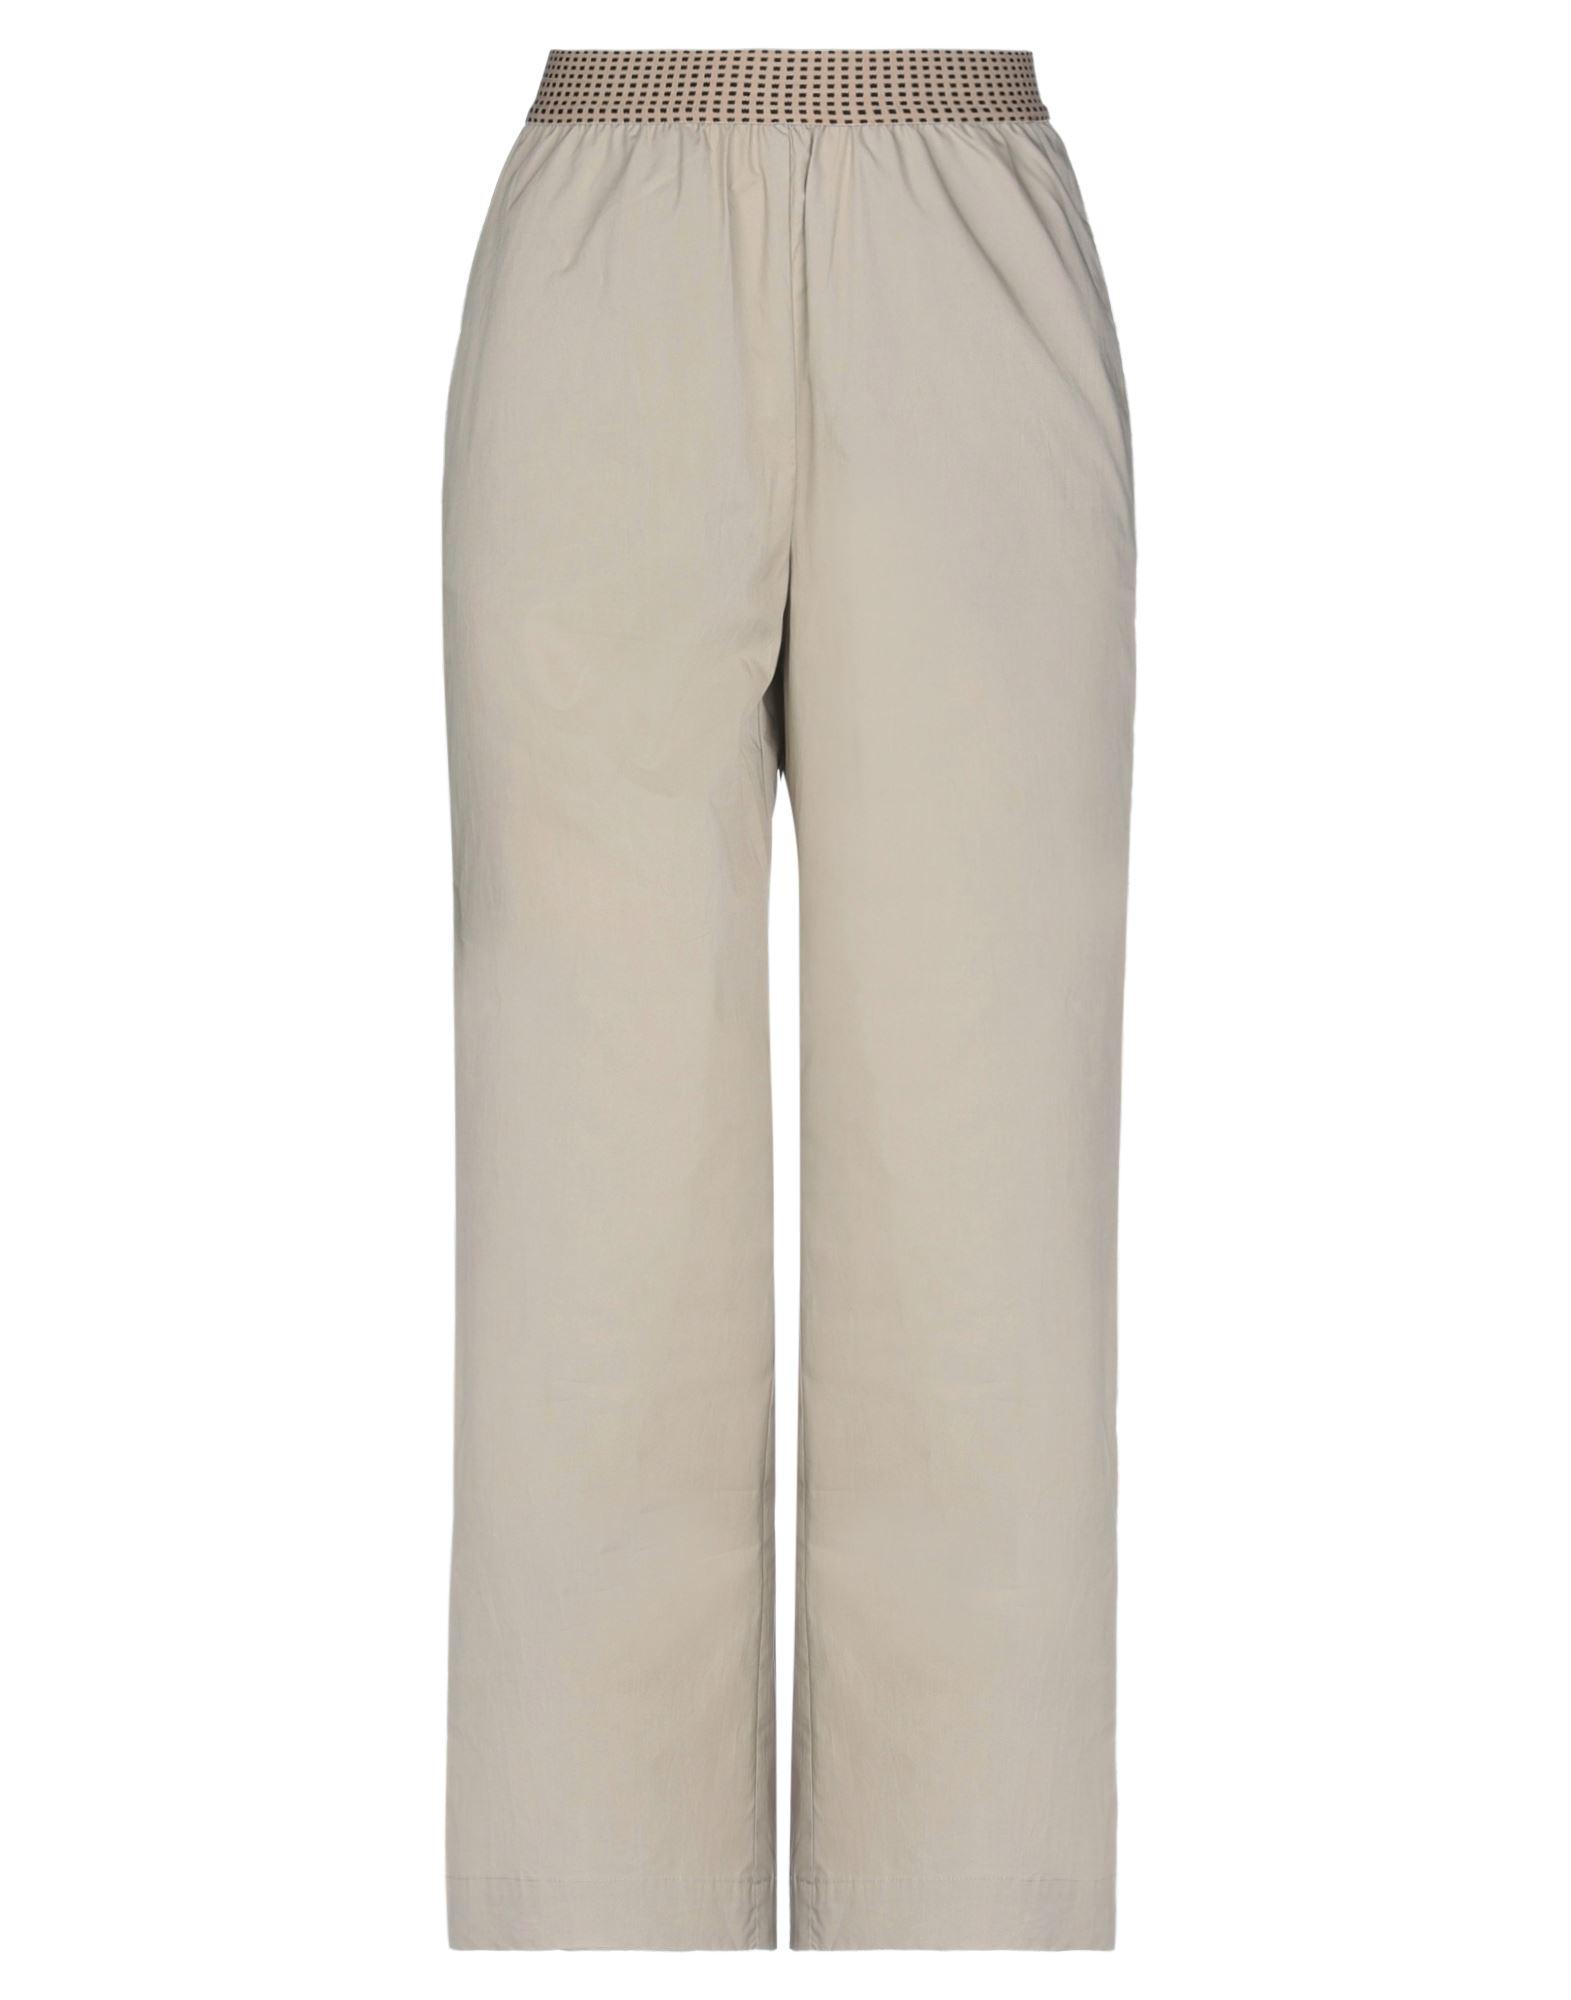 Фото - NICE THINGS by PALOMA S. Повседневные брюки nice things by paloma s pубашка